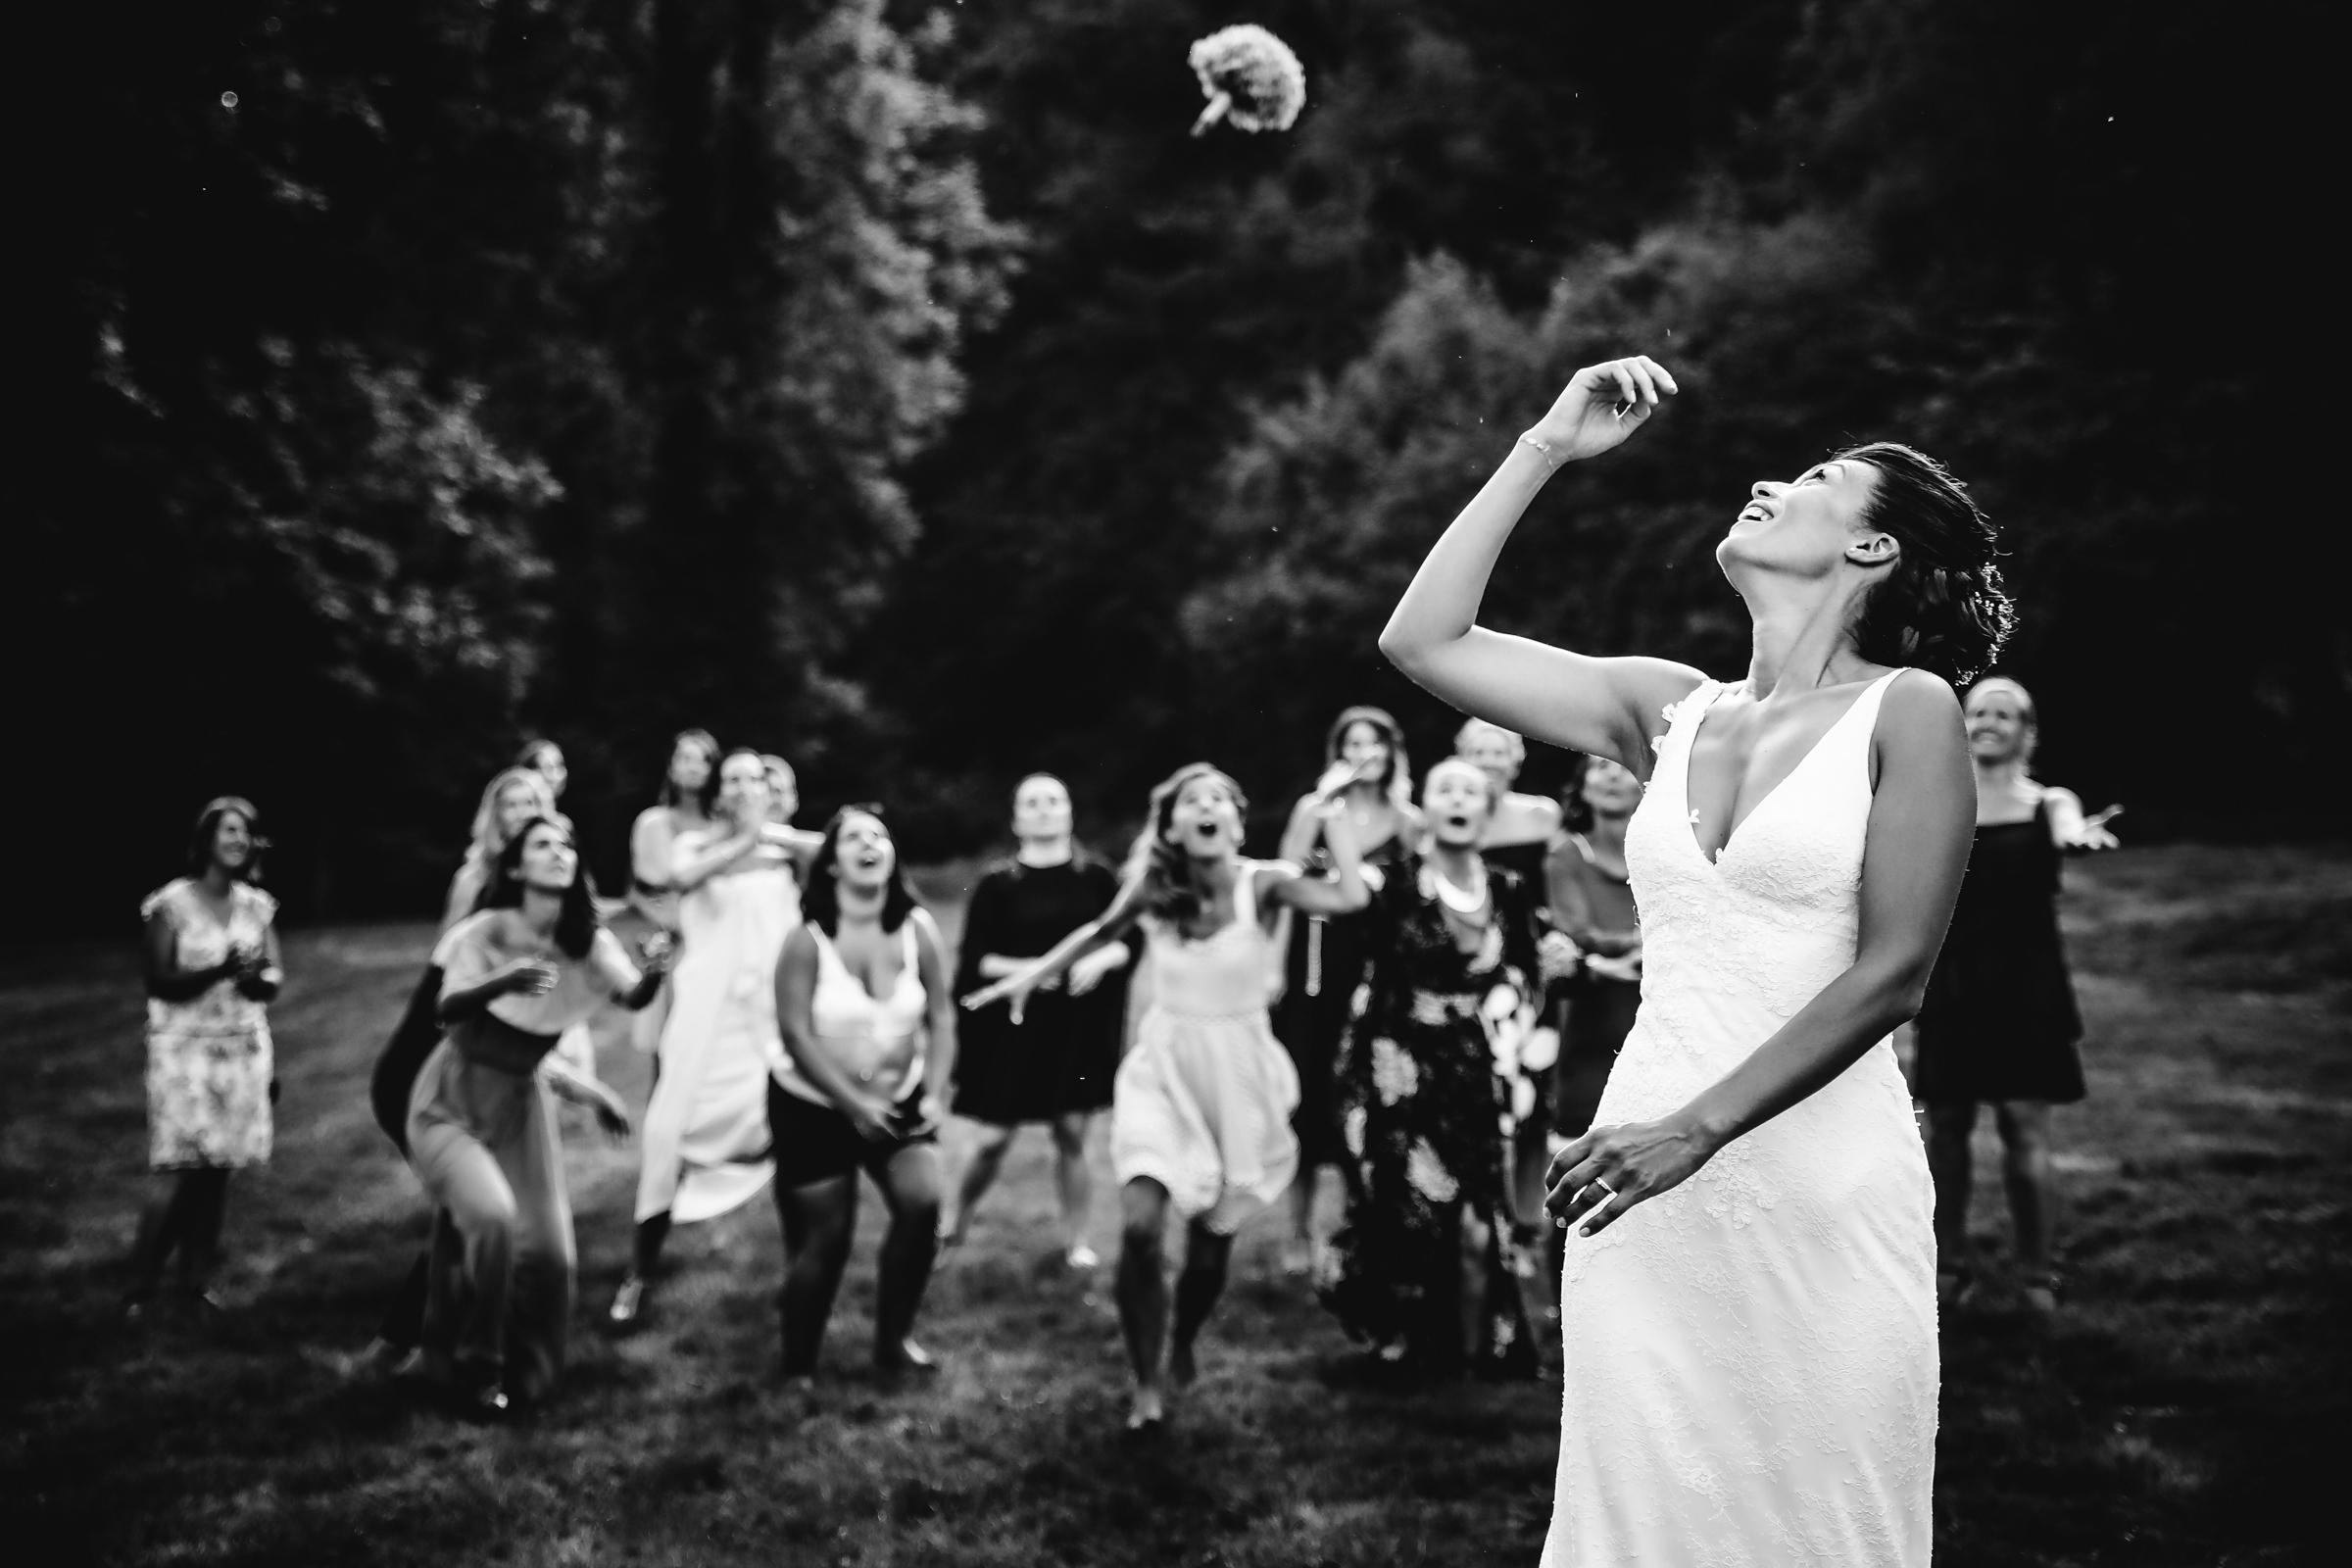 Bouquet toss - photo by Julien Laurent-Georges